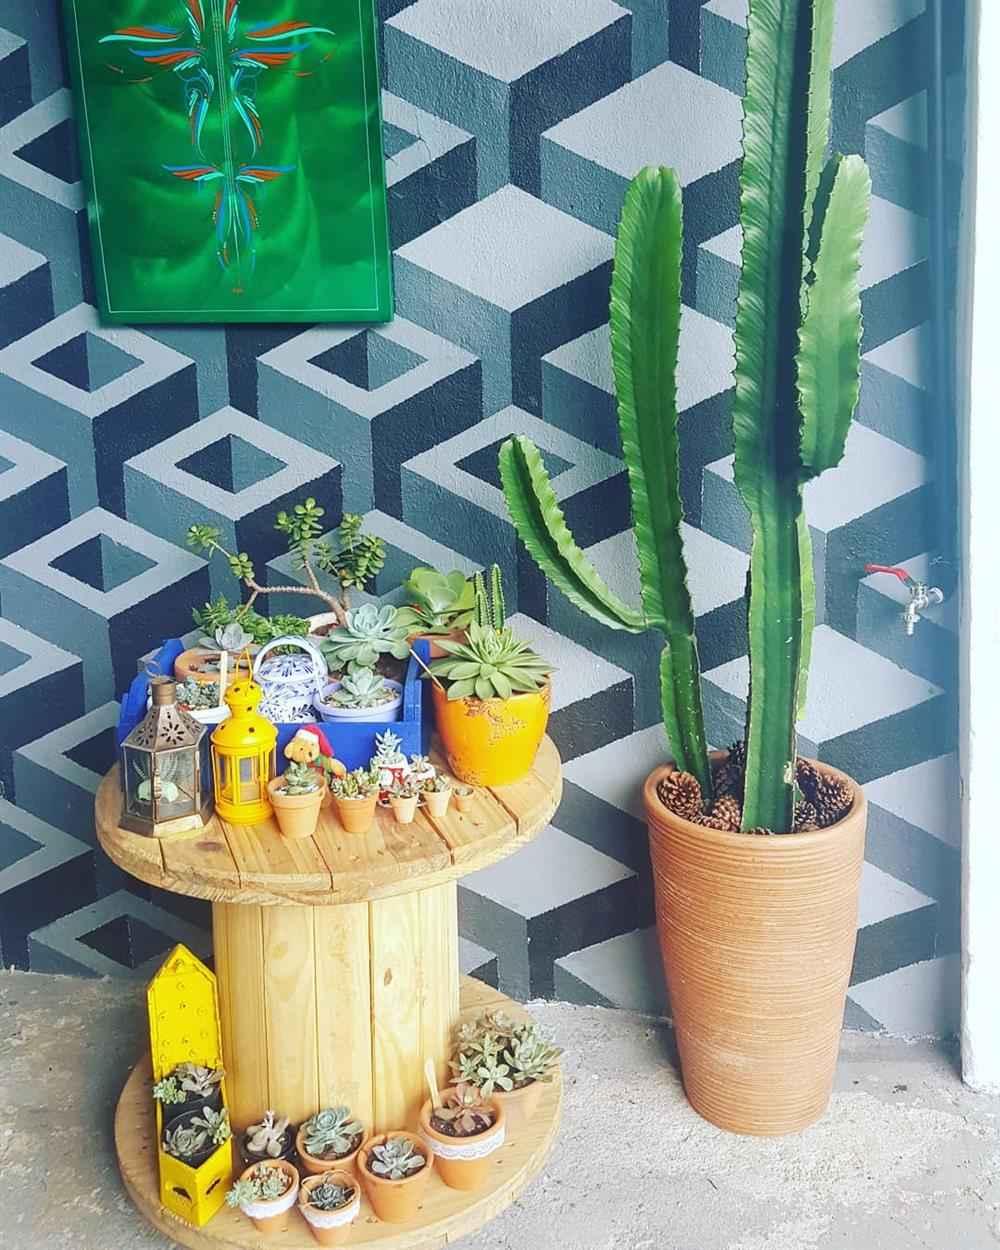 carretel com plantas na decoração externa